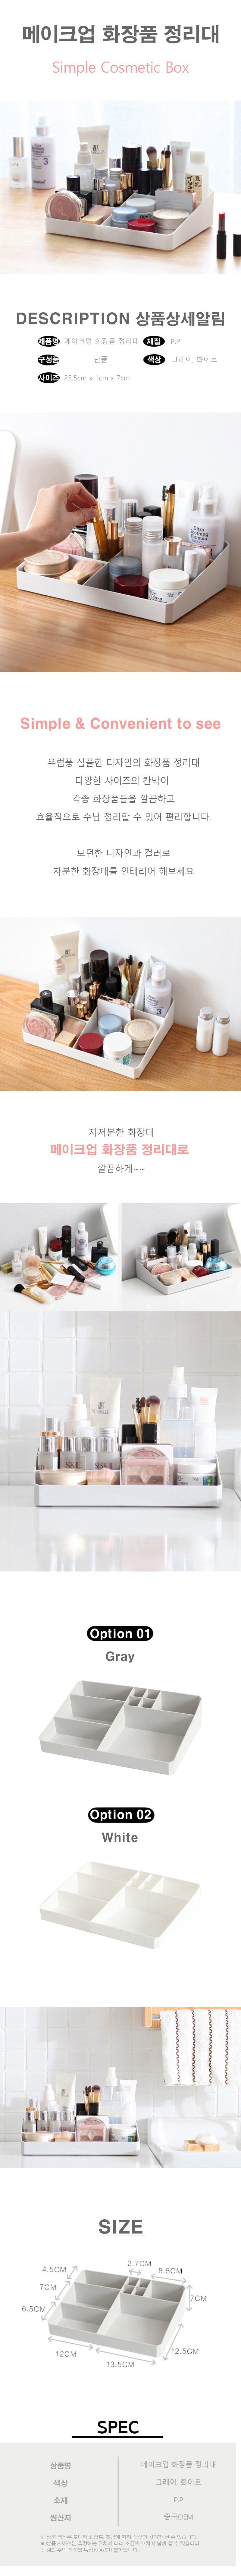 메이크업 화장품 정리대 - 썸몰, 11,300원, 정리함, 브러쉬정리함